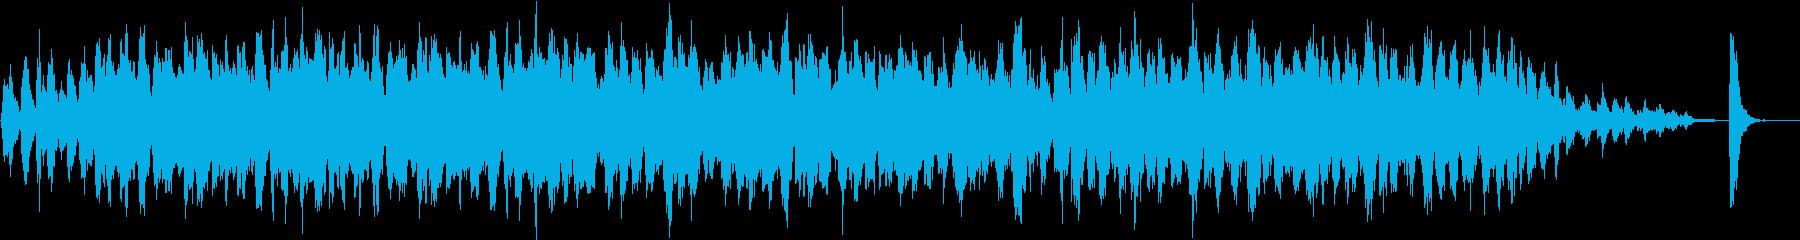 ピチカートとフルートによる素朴な日常系の再生済みの波形